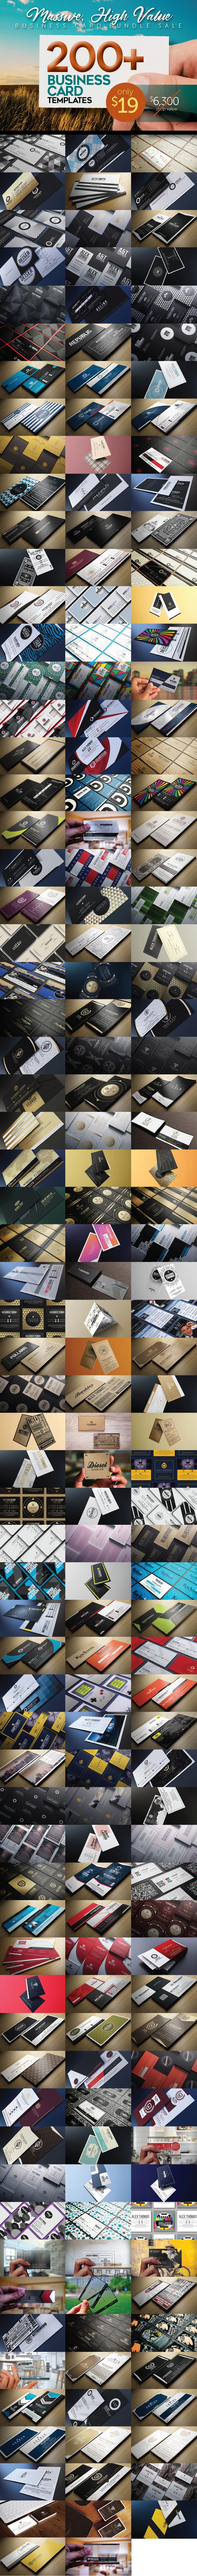 The Gargantuan Pack Of 200 Business Card Templates – MyDesignDeals